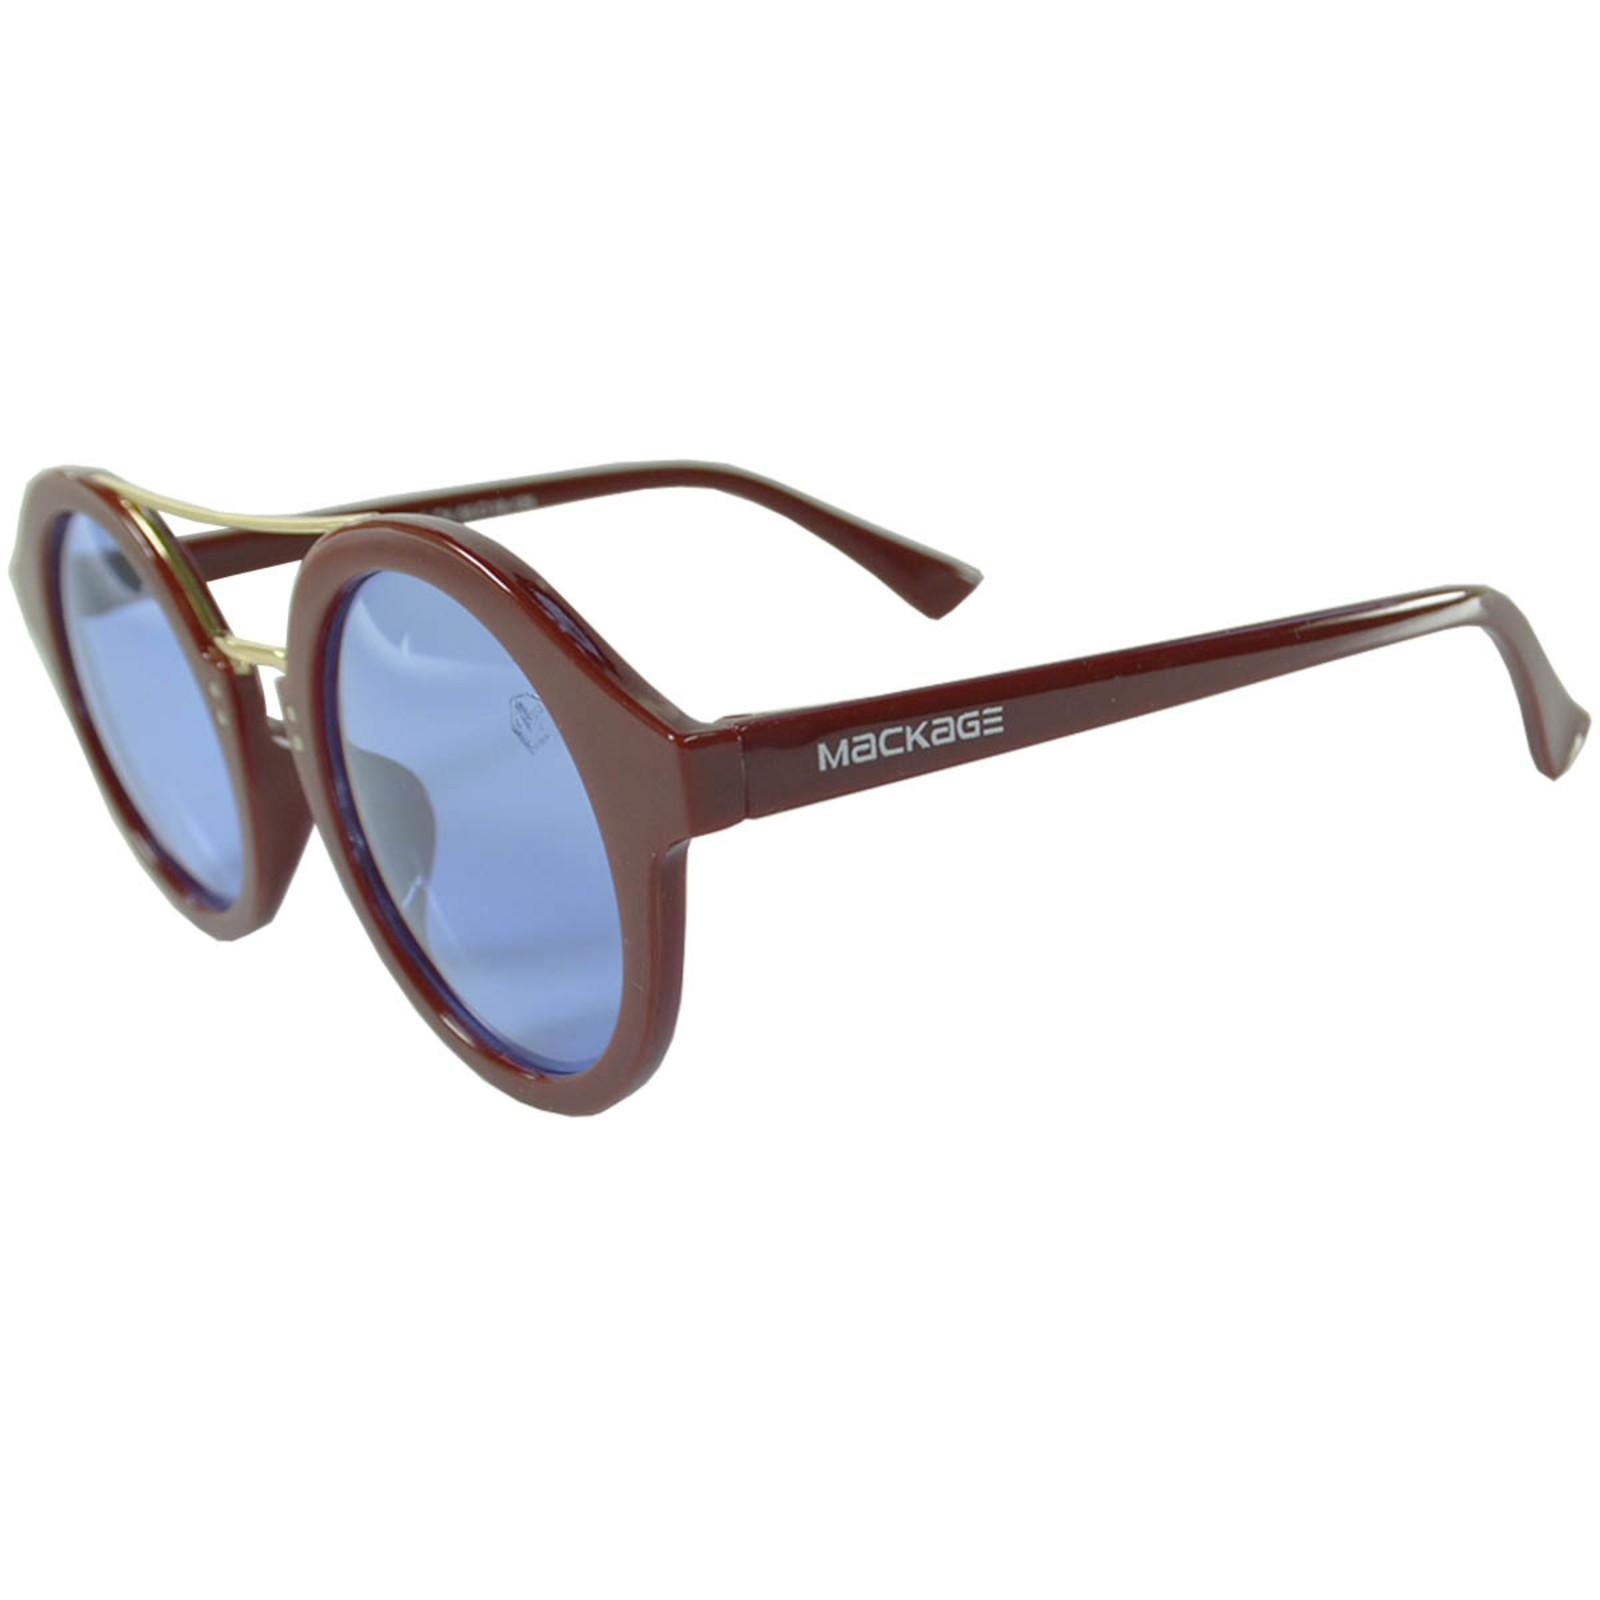 Óculos De Sol Mackage Unissex Acetato Redondo - Vinho/Azul